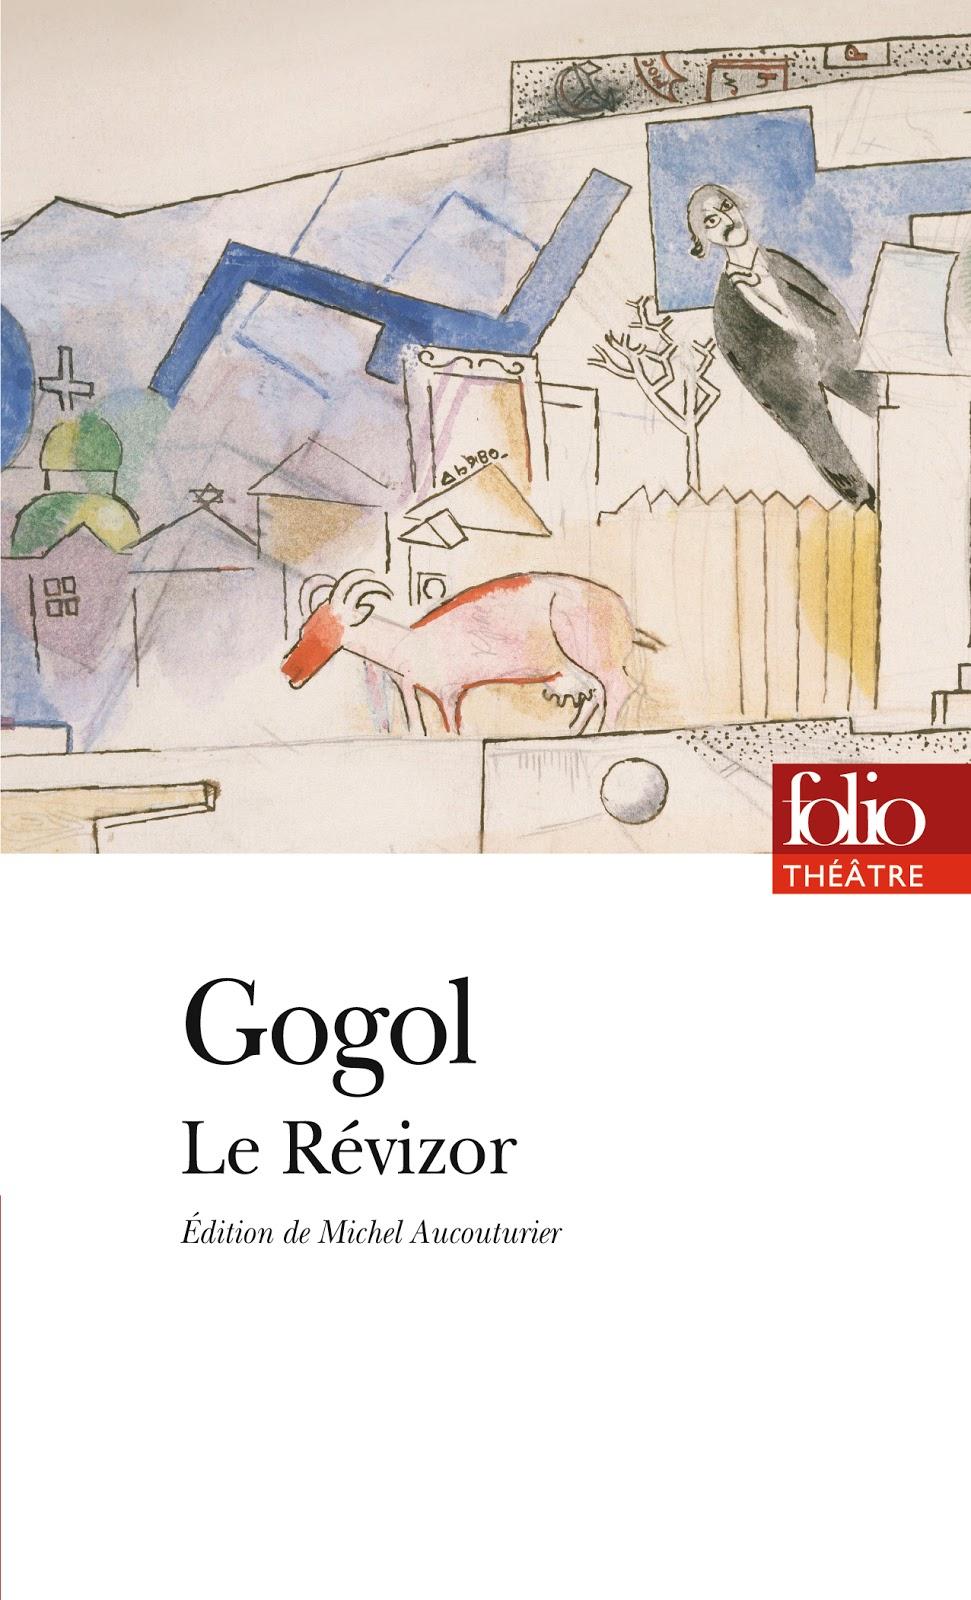 Un livre un extrait (17) Le Révizor de Nicolas Gogol